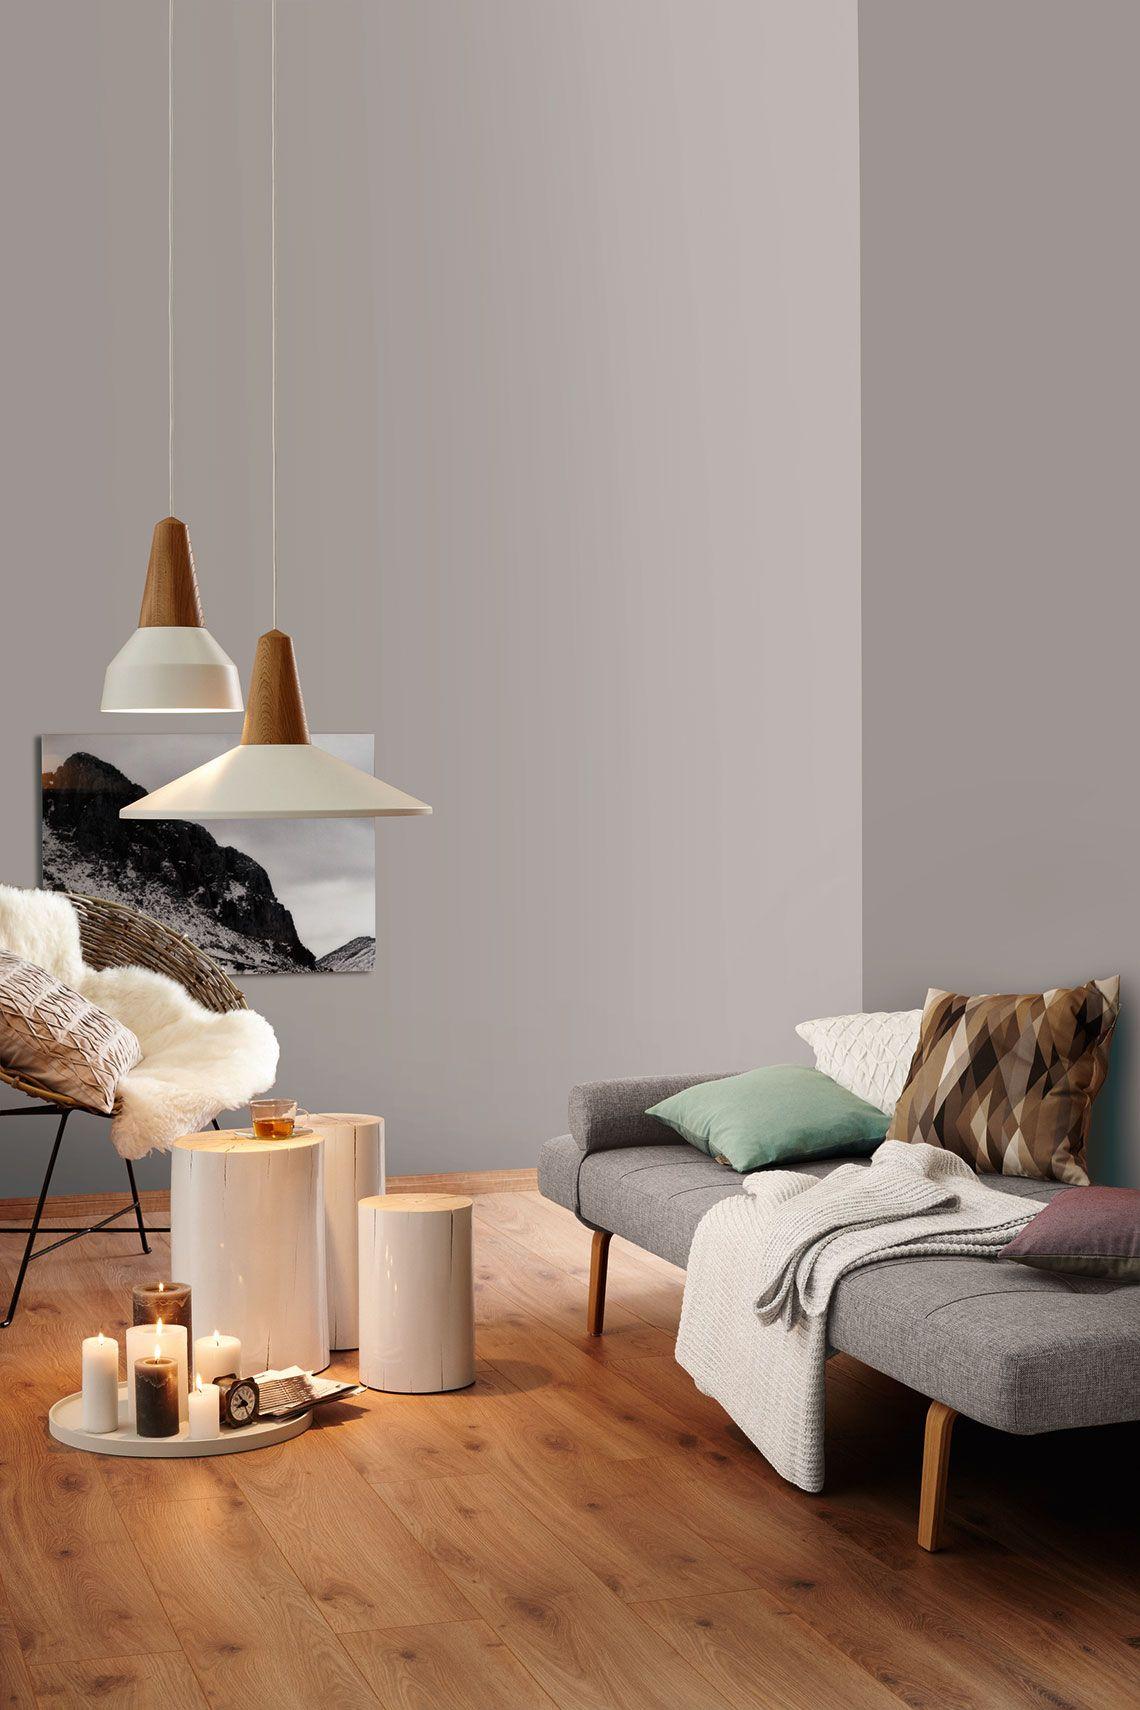 Gemutliche Sitzecke Mit Sofa Und Sessel Vor Wand In My Colour My Basalt Schoner Wohnen Wandfarbe Wohnen